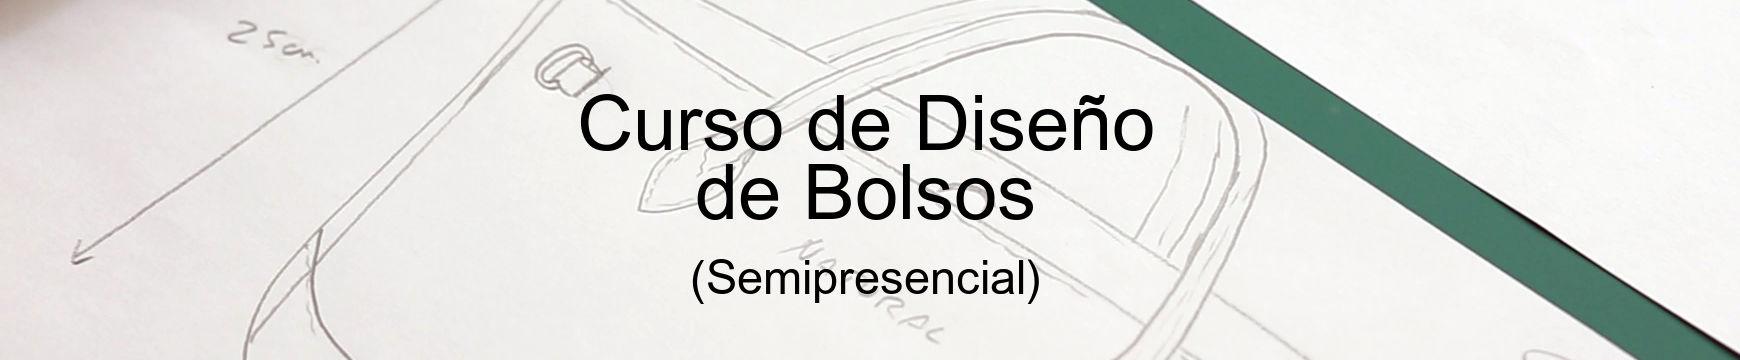 cabecera curso de diseño de bolsos